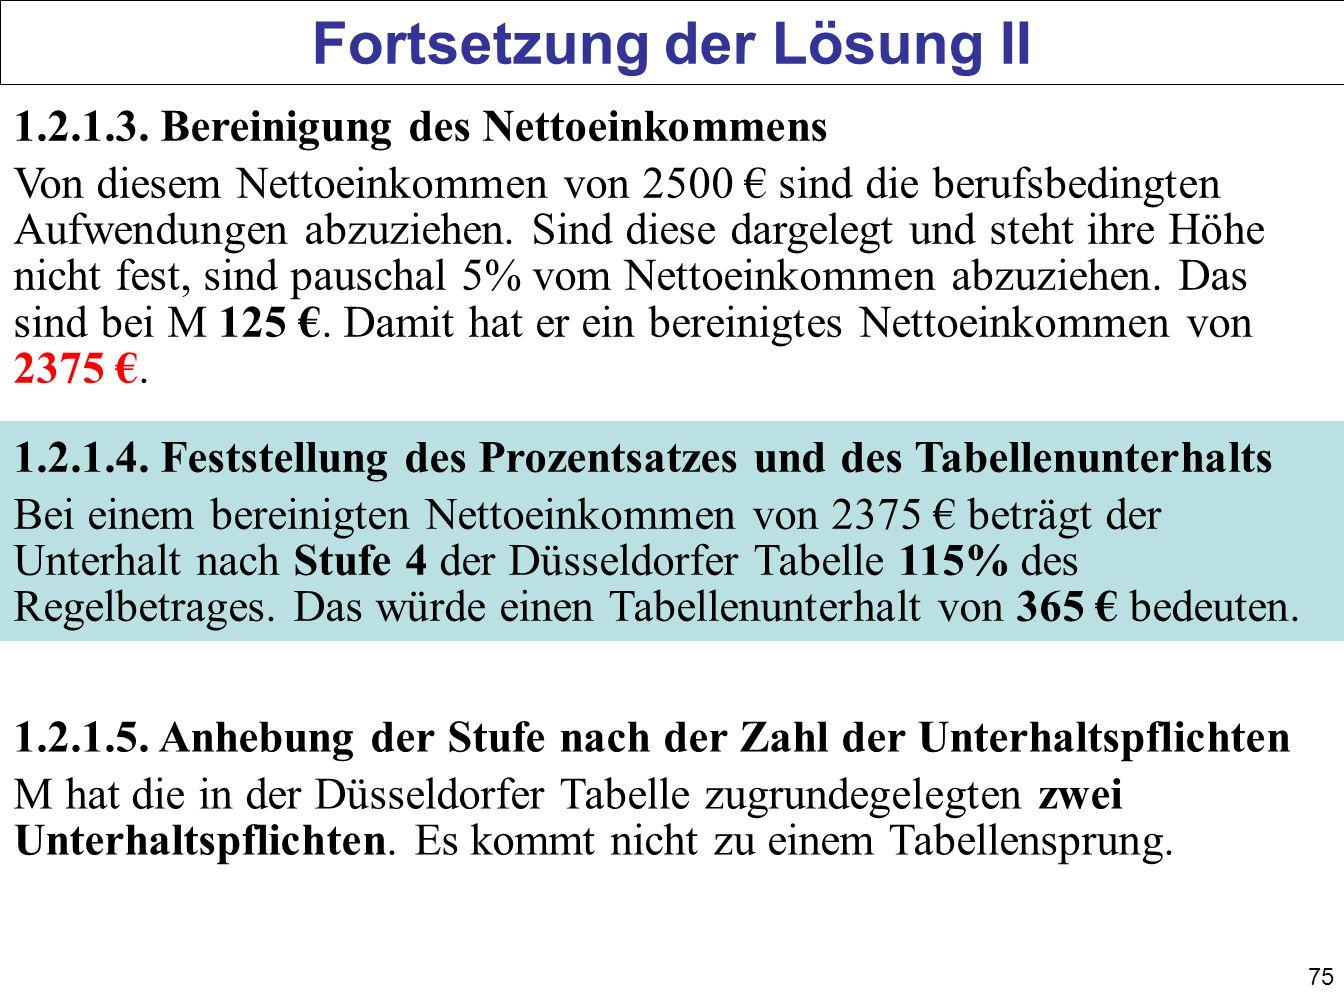 75 Fortsetzung der Lösung II 1.2.1.3. Bereinigung des Nettoeinkommens Von diesem Nettoeinkommen von 2500 sind die berufsbedingten Aufwendungen abzuzie